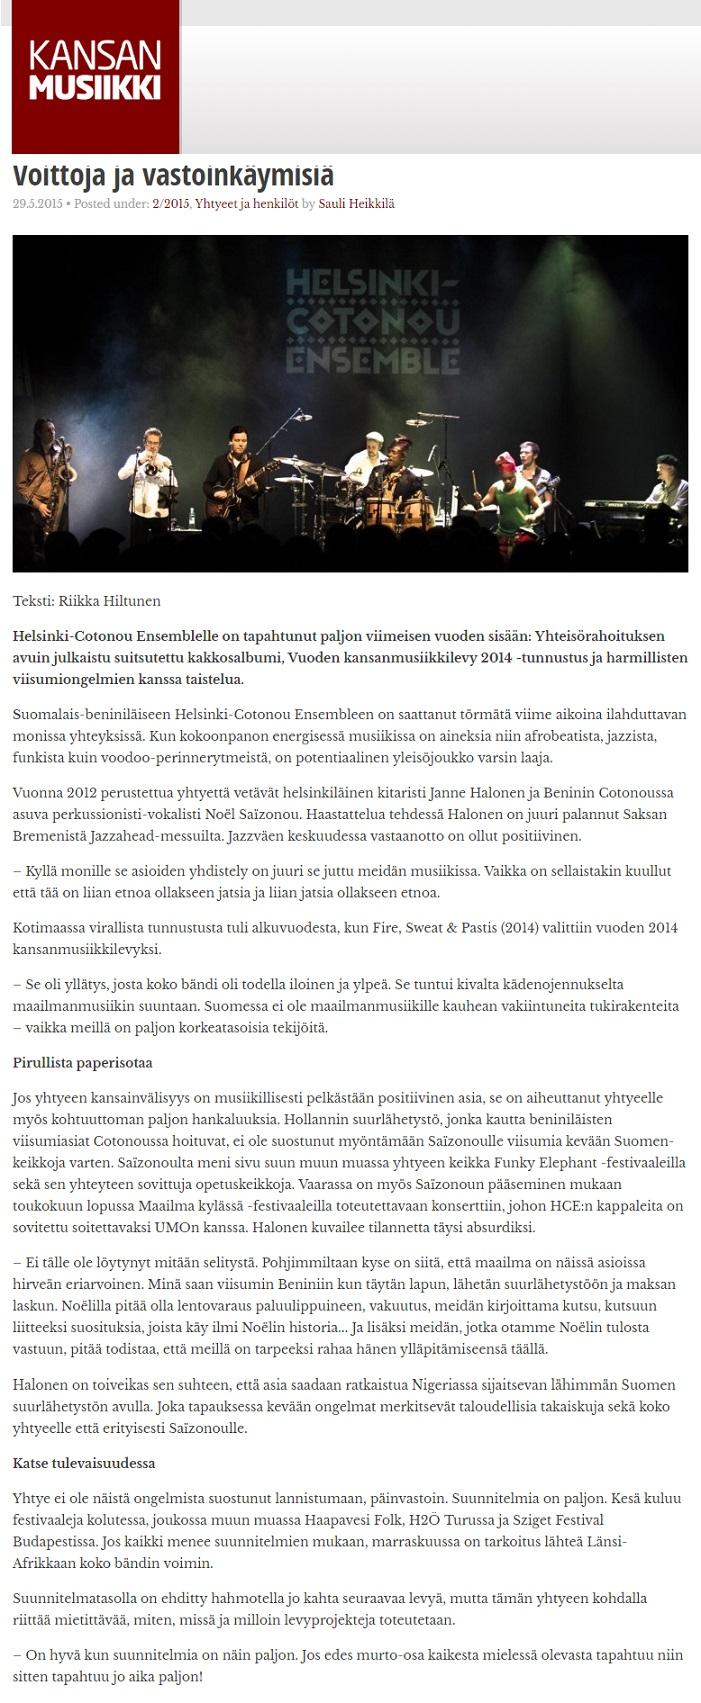 Kansanmusiikkilehti, (Finland), 29.5.2015